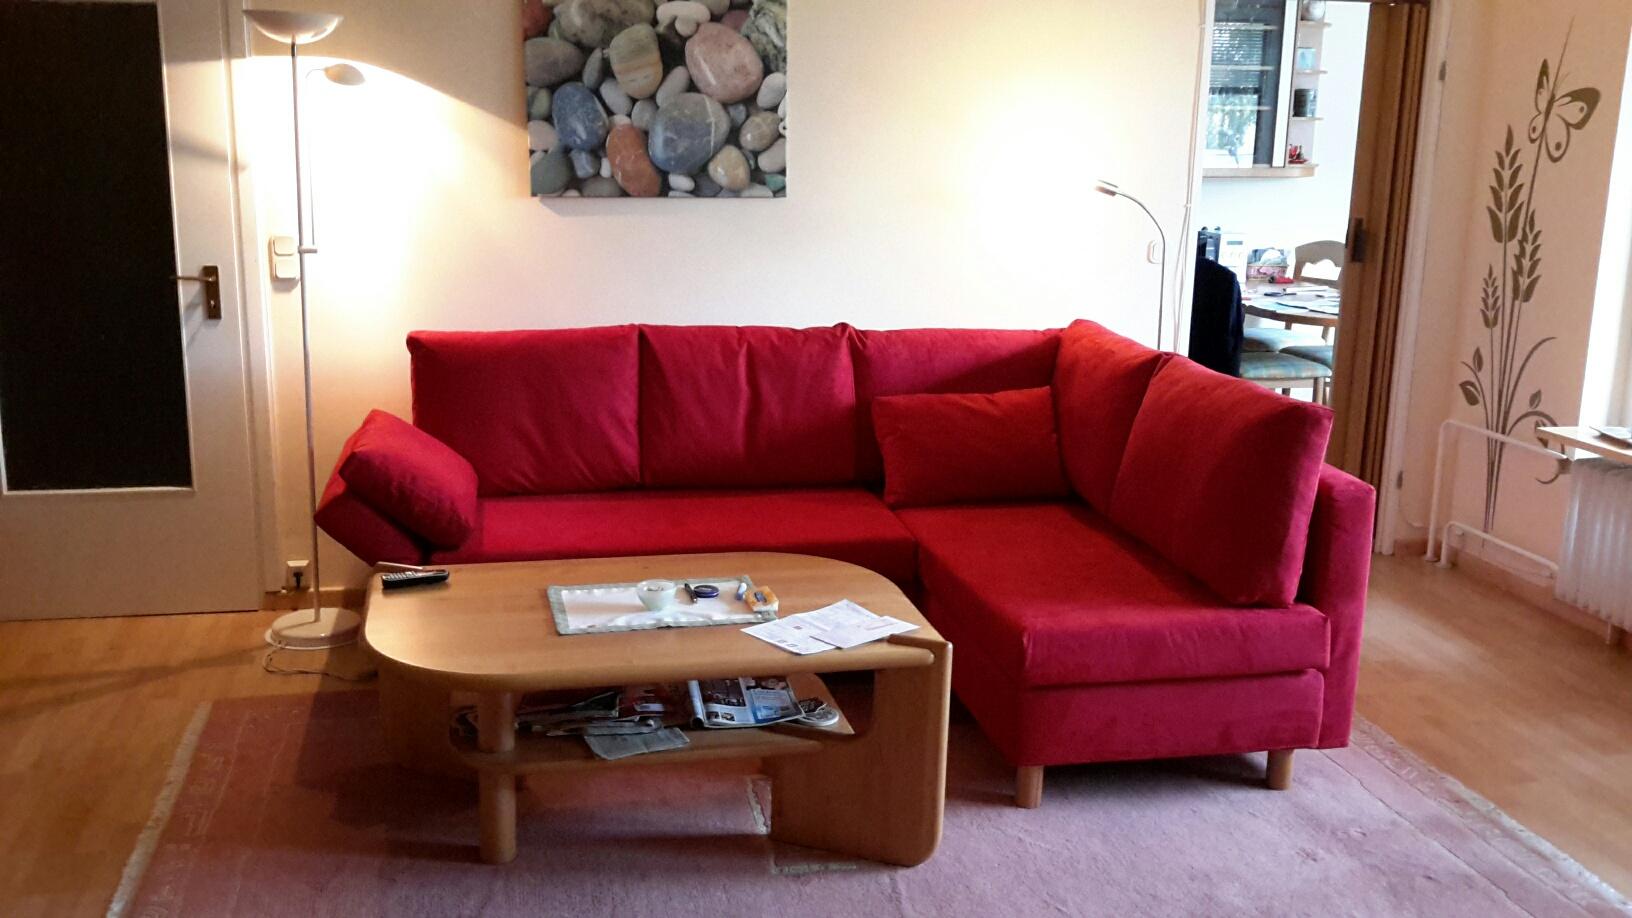 suche f r meine neue rote couch einen hellgrauen teppich welche gr e w re empfehlenswert und. Black Bedroom Furniture Sets. Home Design Ideas